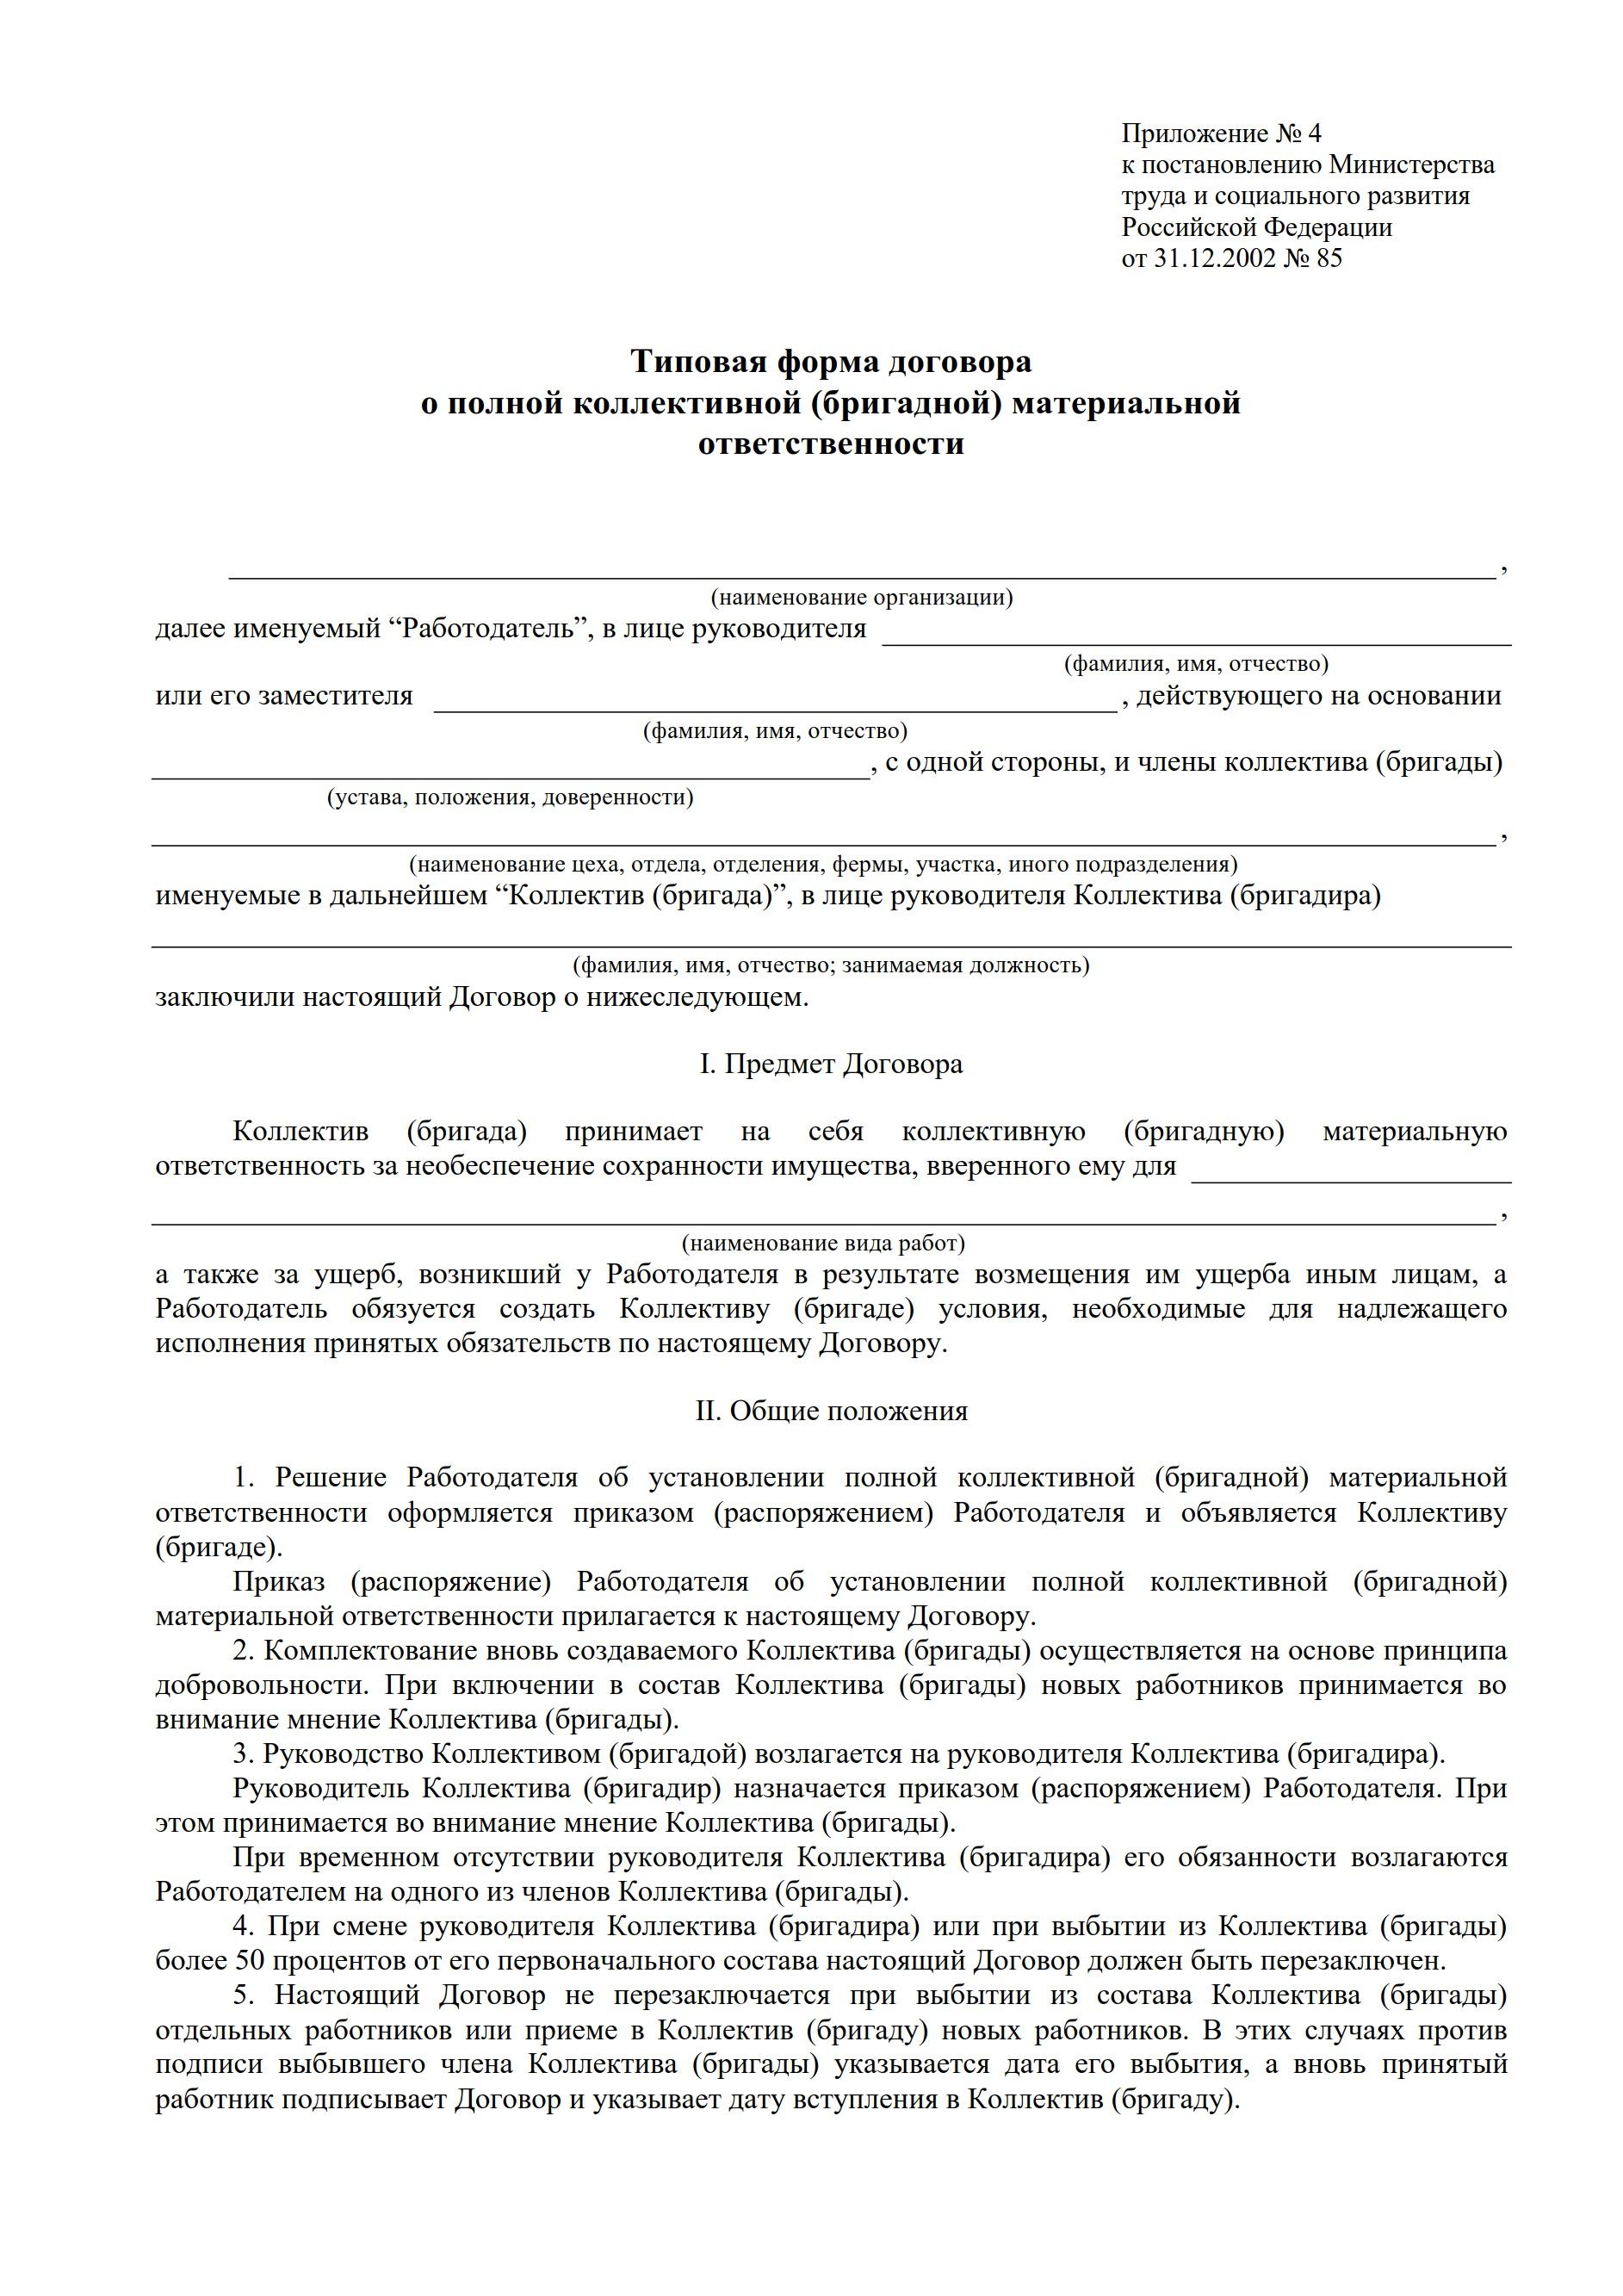 Договор о материальной ответственности с продавцом скачать